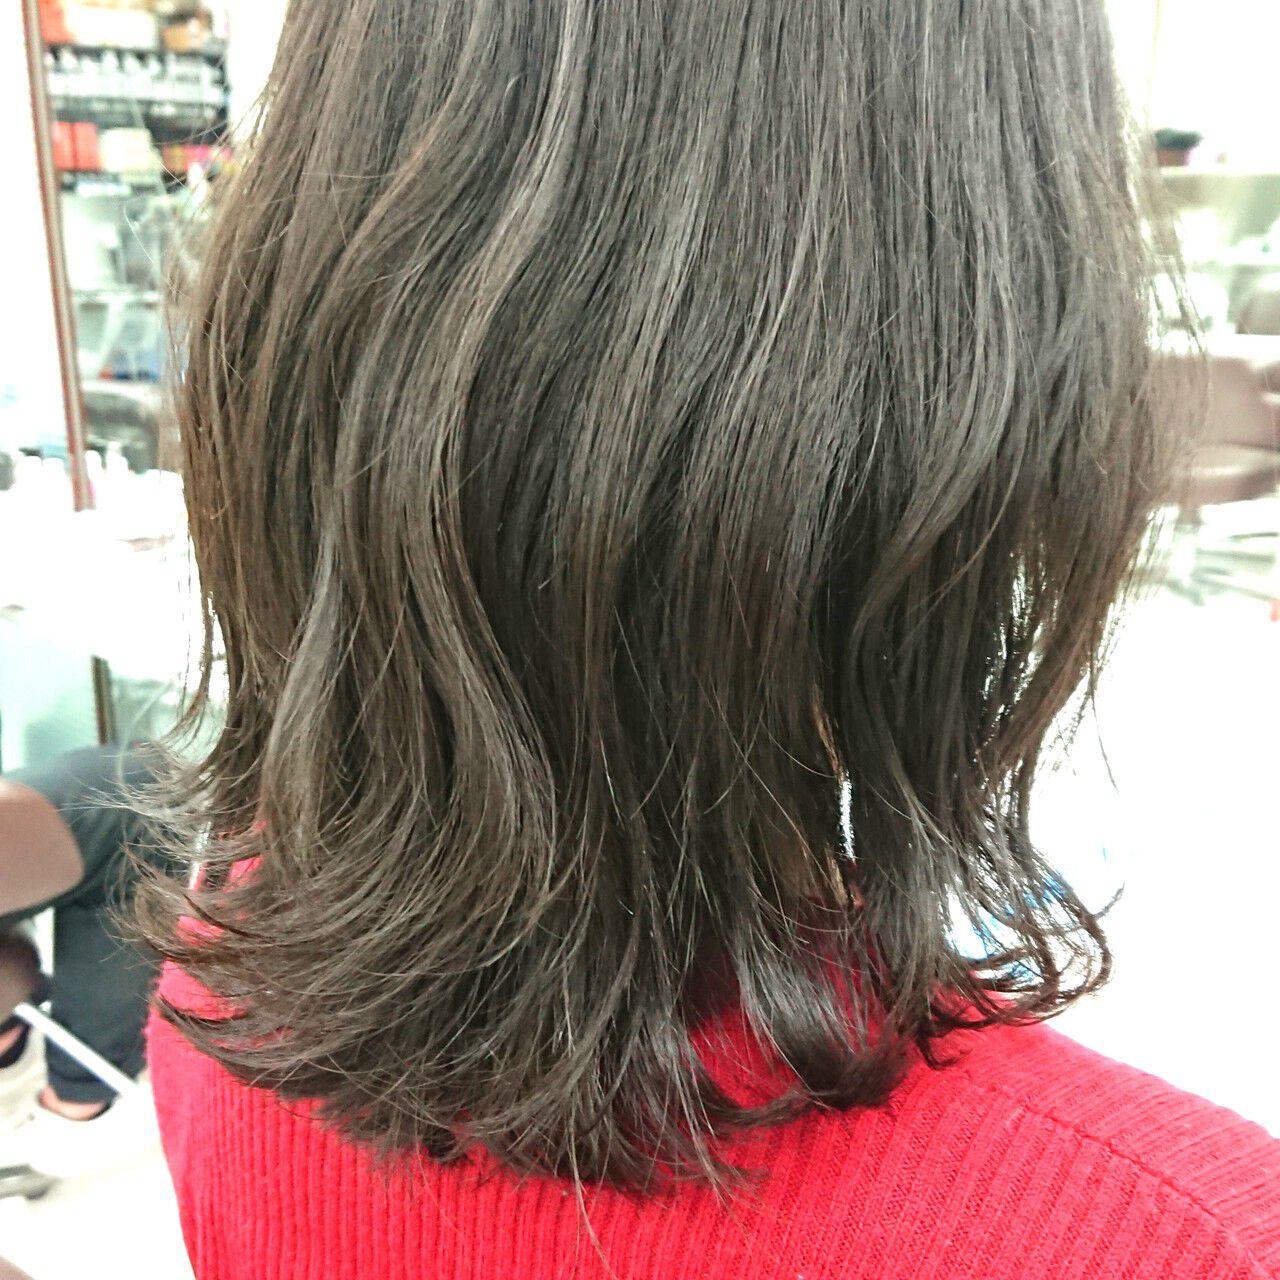 ミディアム 大人女子 ロブ 波ウェーブヘアスタイルや髪型の写真・画像